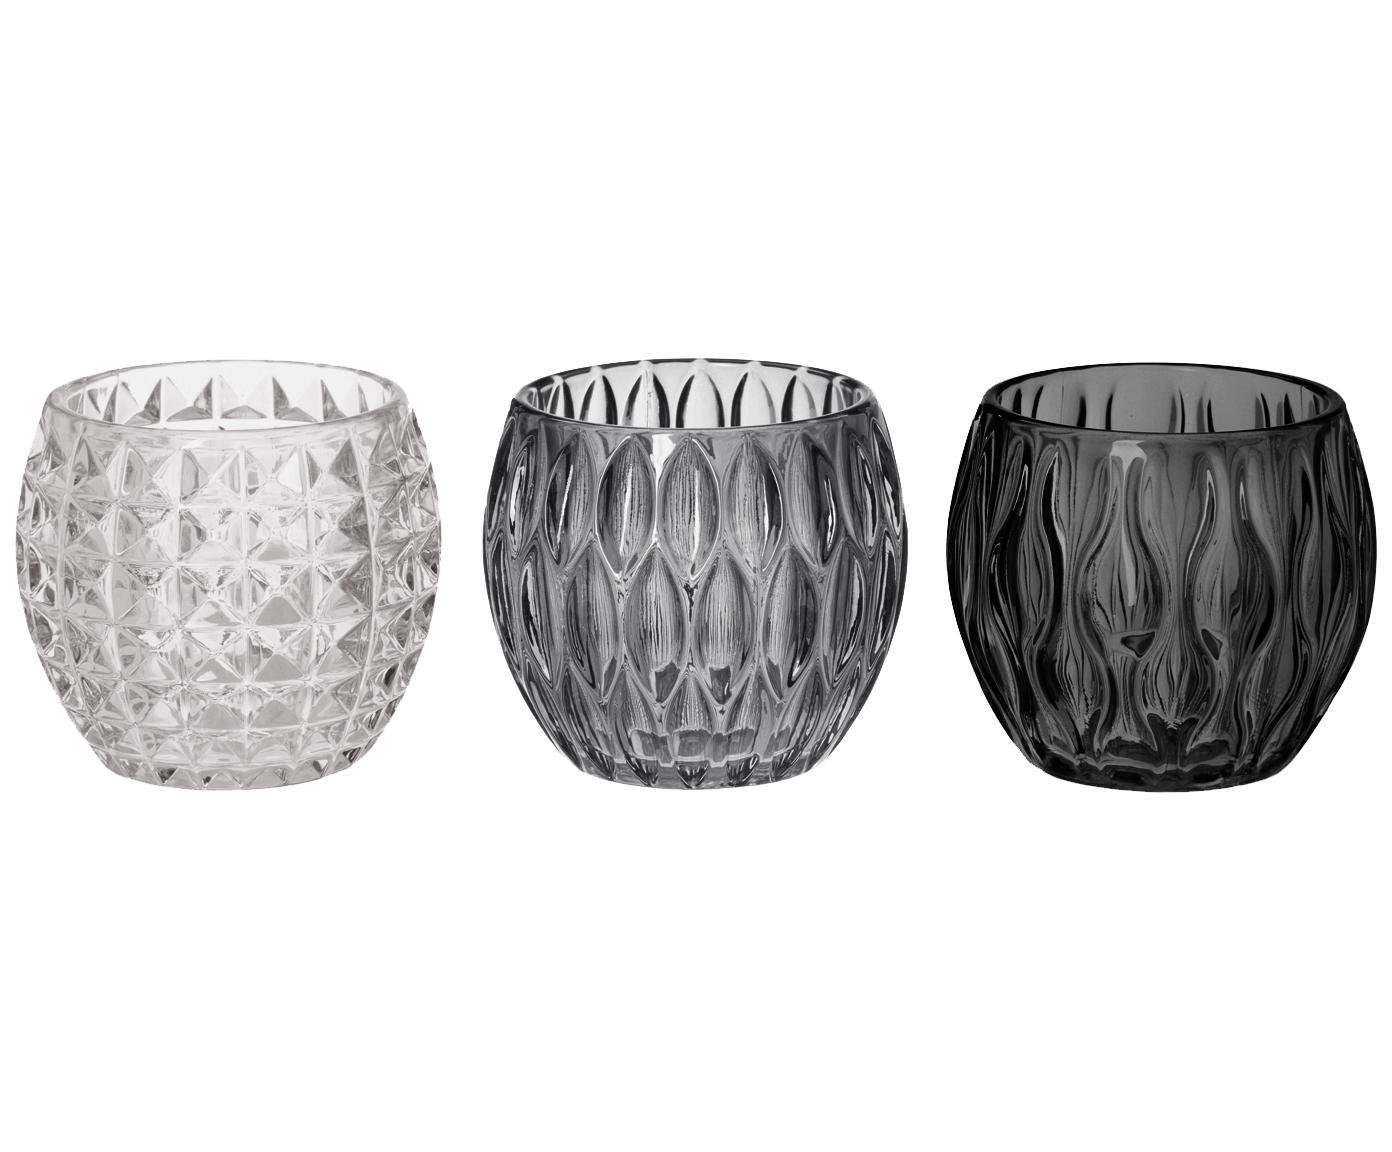 Komplet świeczników na podgrzewacze Aliza, 3 elem., Szkło, Szary, transparentny, Ø 10 x W 9 cm